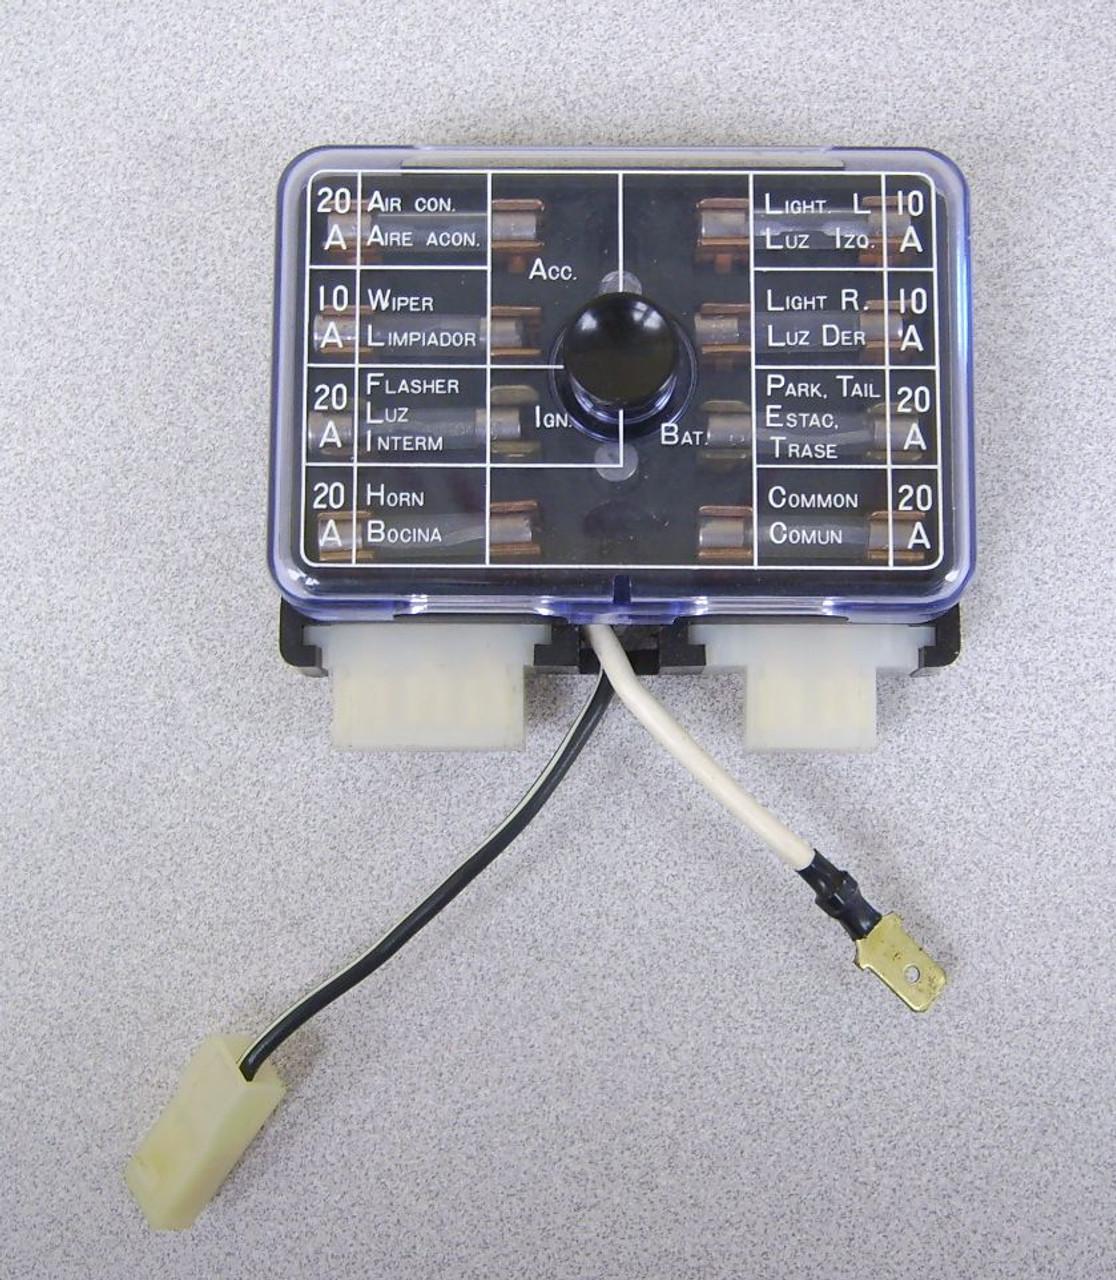 medium resolution of datsun 510 fuse box cover wiring diagrams export blown fuse in breaker box datsun fuse box